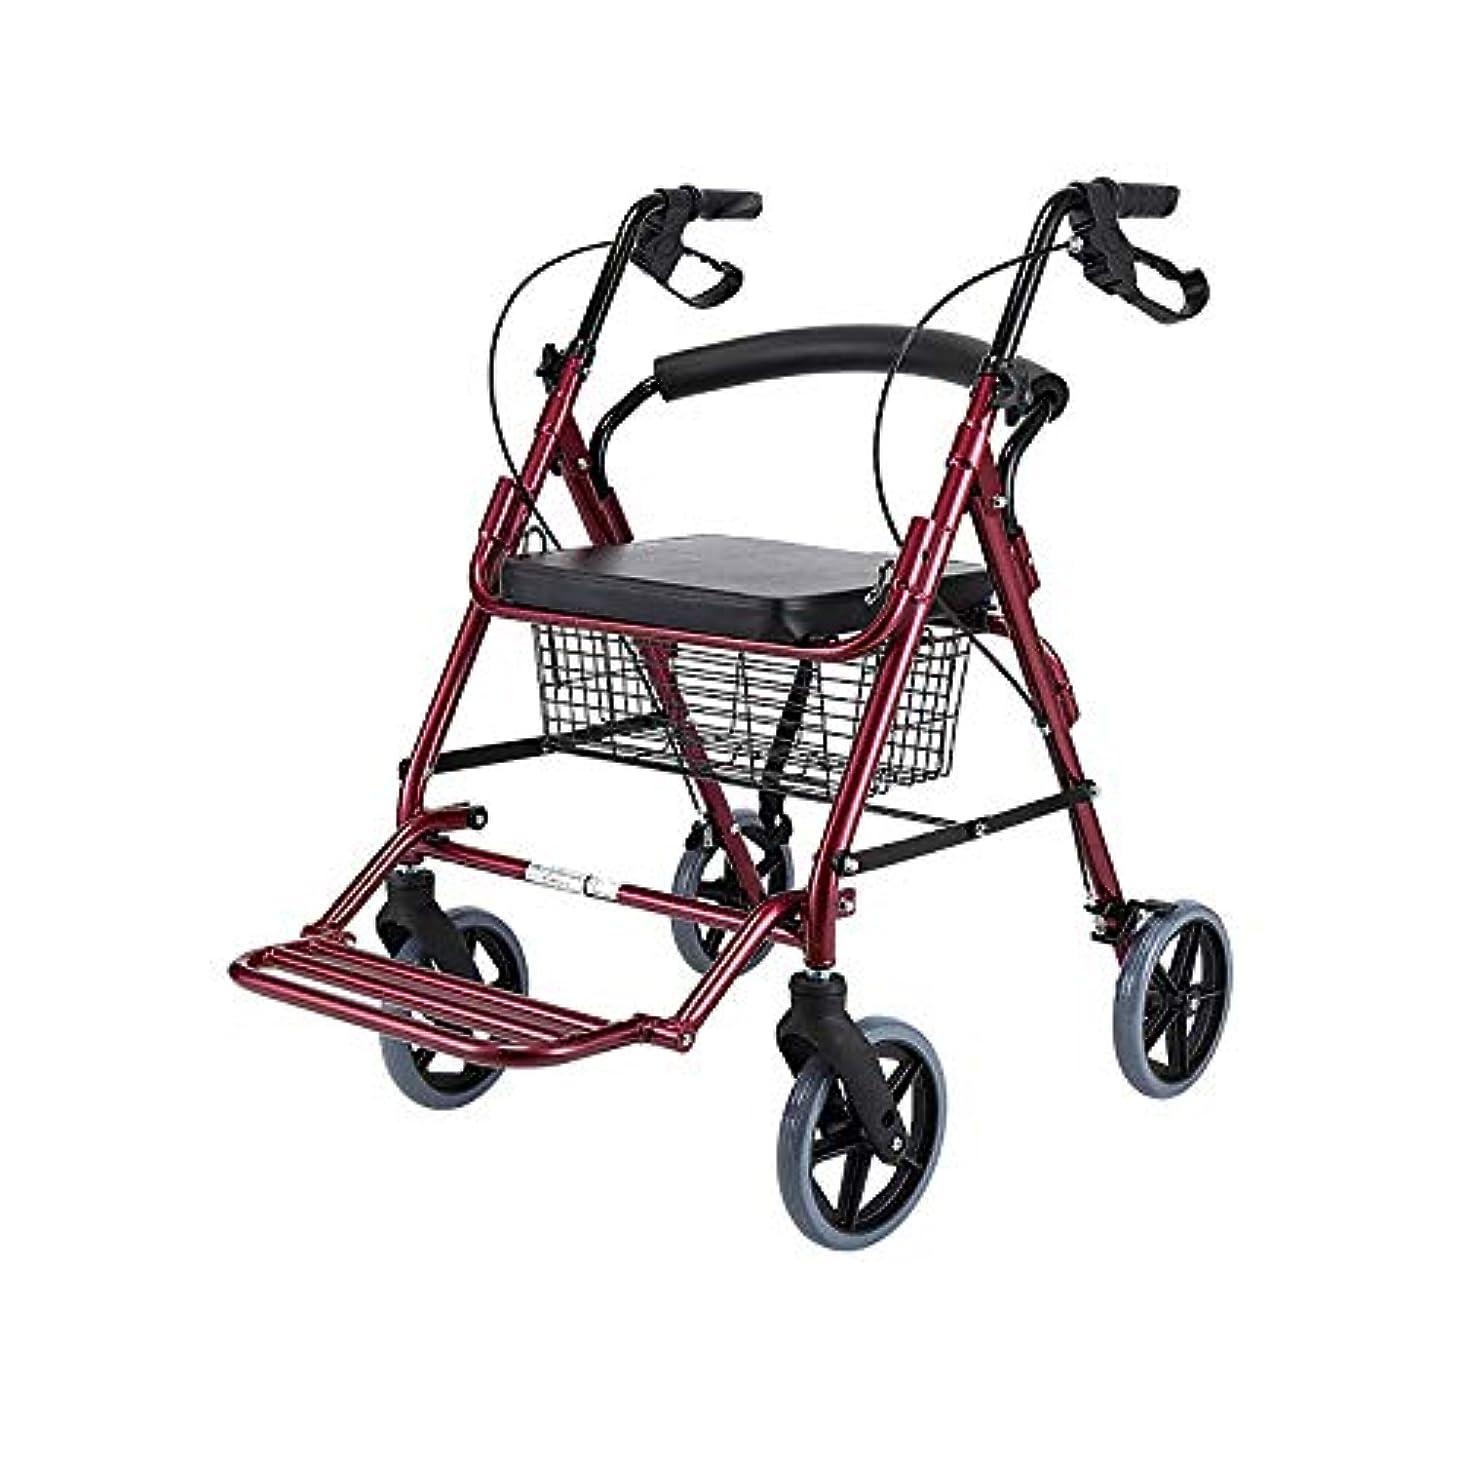 荒廃するワークショップ悪化させる高齢者ウォーカー、折りたたみ式ポータブル歩行器補助ウォーカー四輪ショッピングカートハンドブレーキ付きヘビーデューティウォーカー